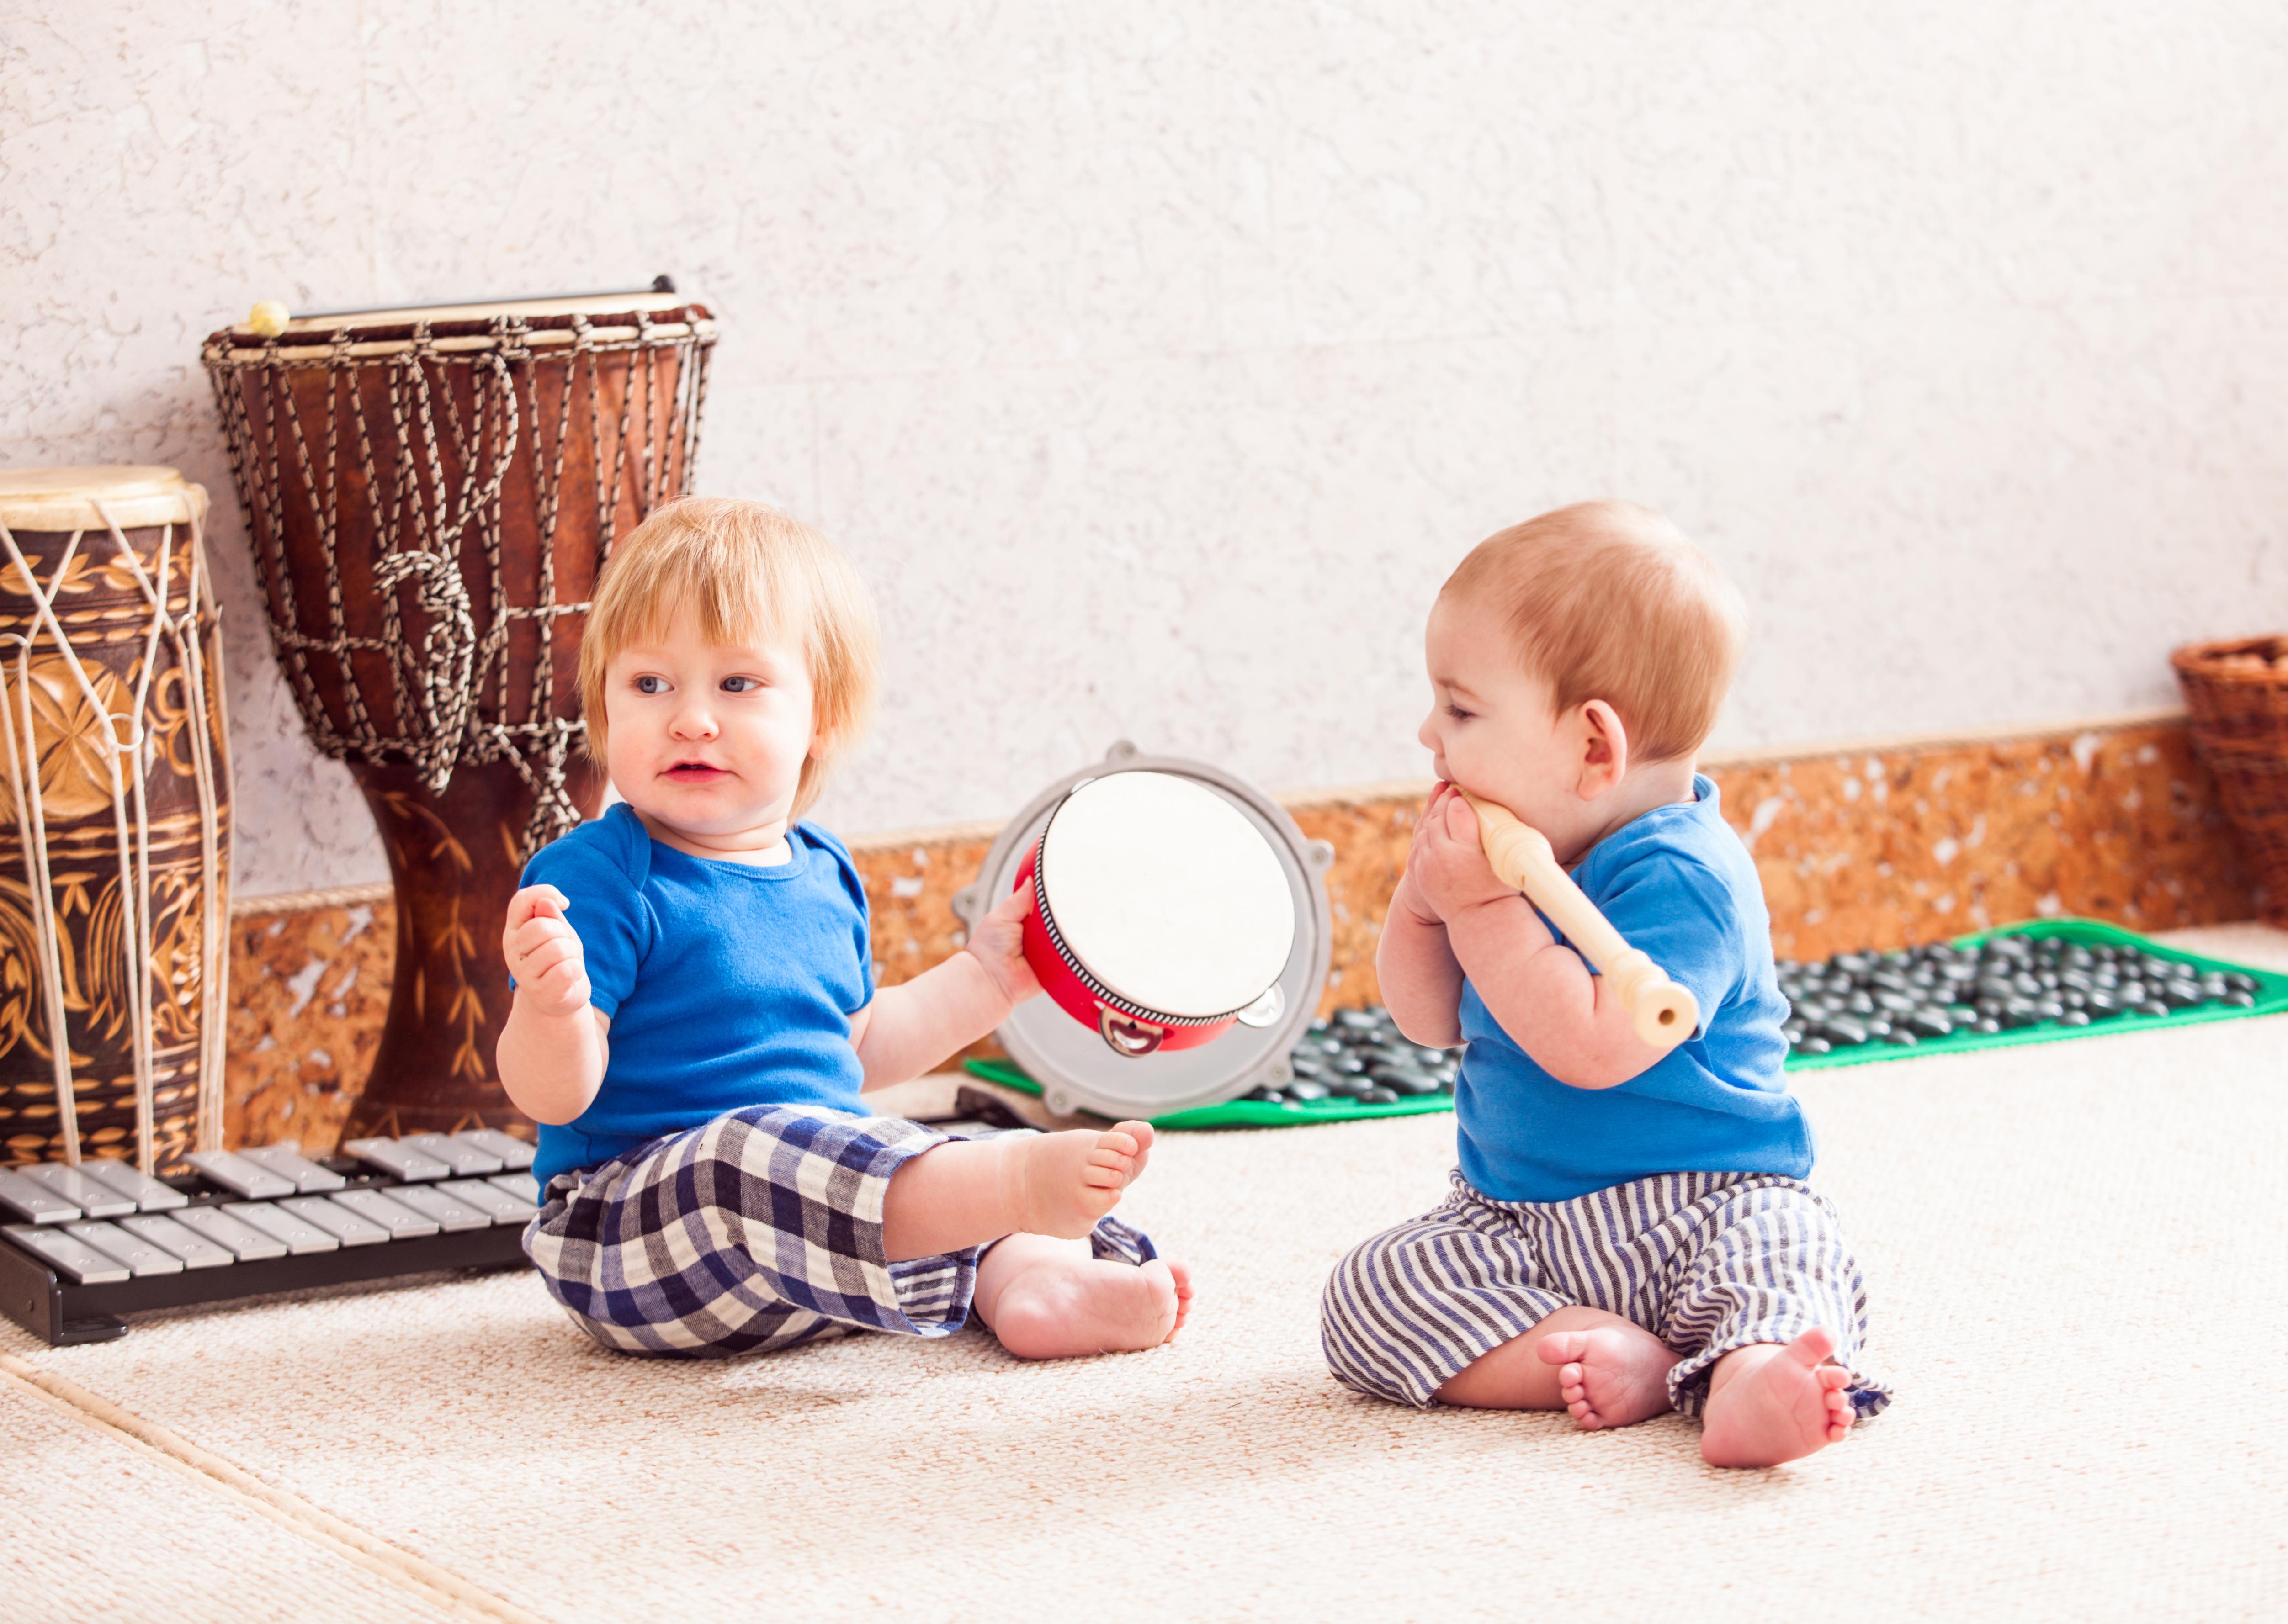 enfants jouant d'un instrument